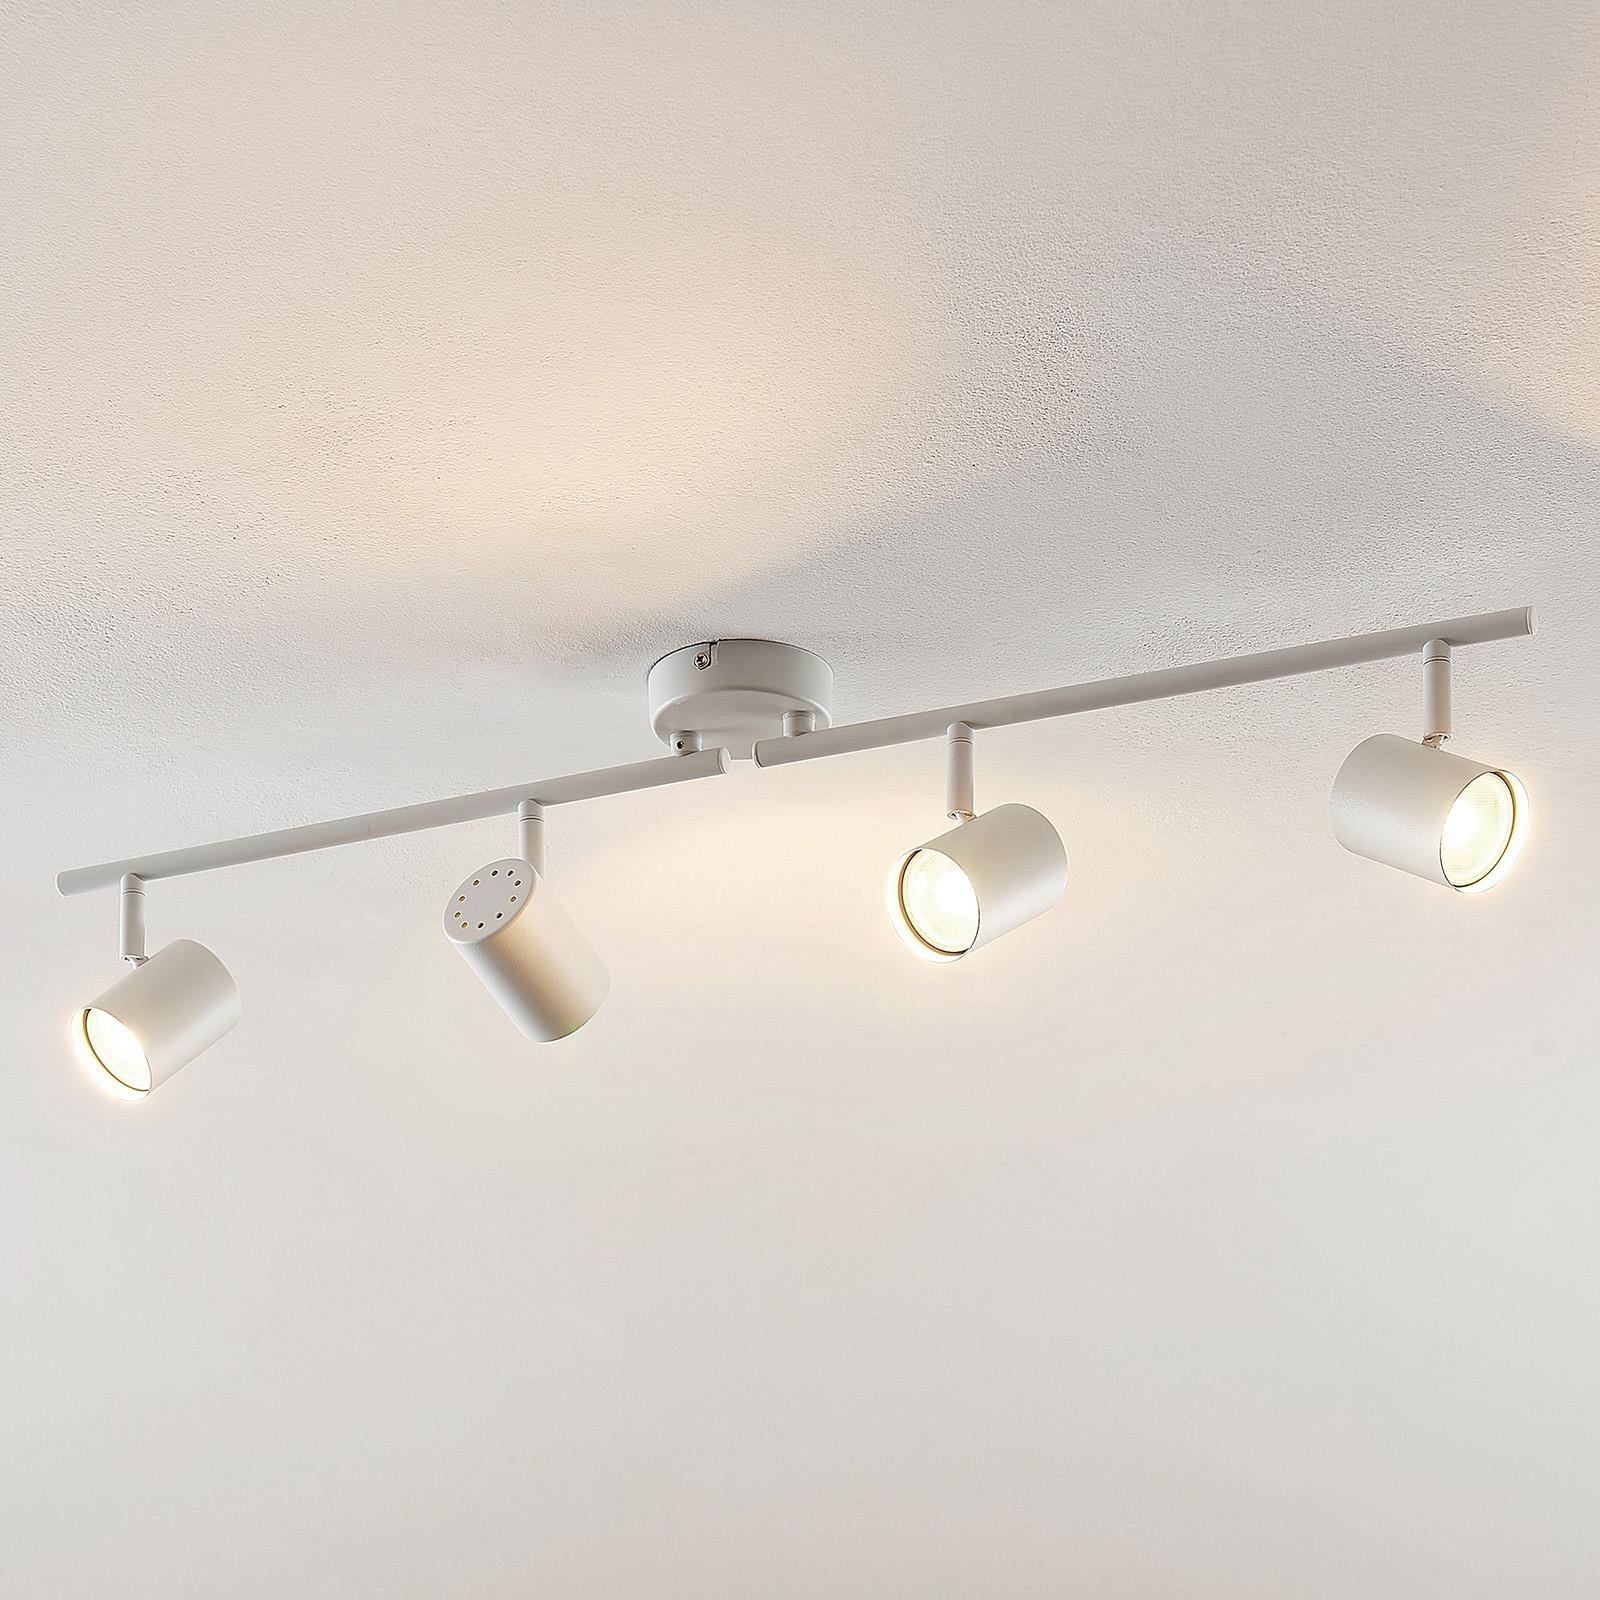 ELC Tomoki LED ceiling light, white, 4-bulb_9950863_1